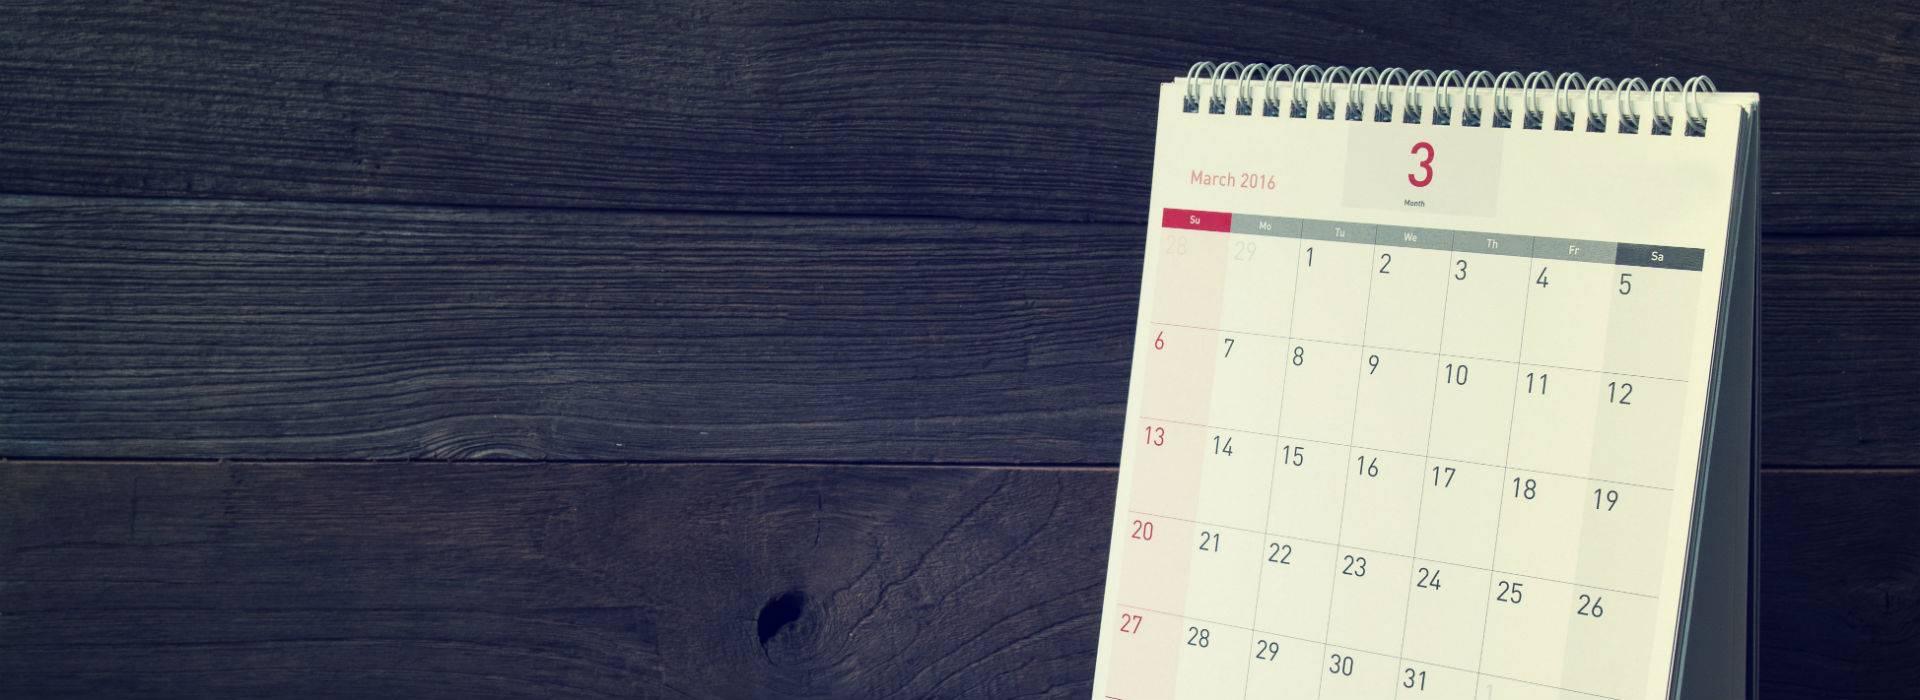 Retroactive Date blog post